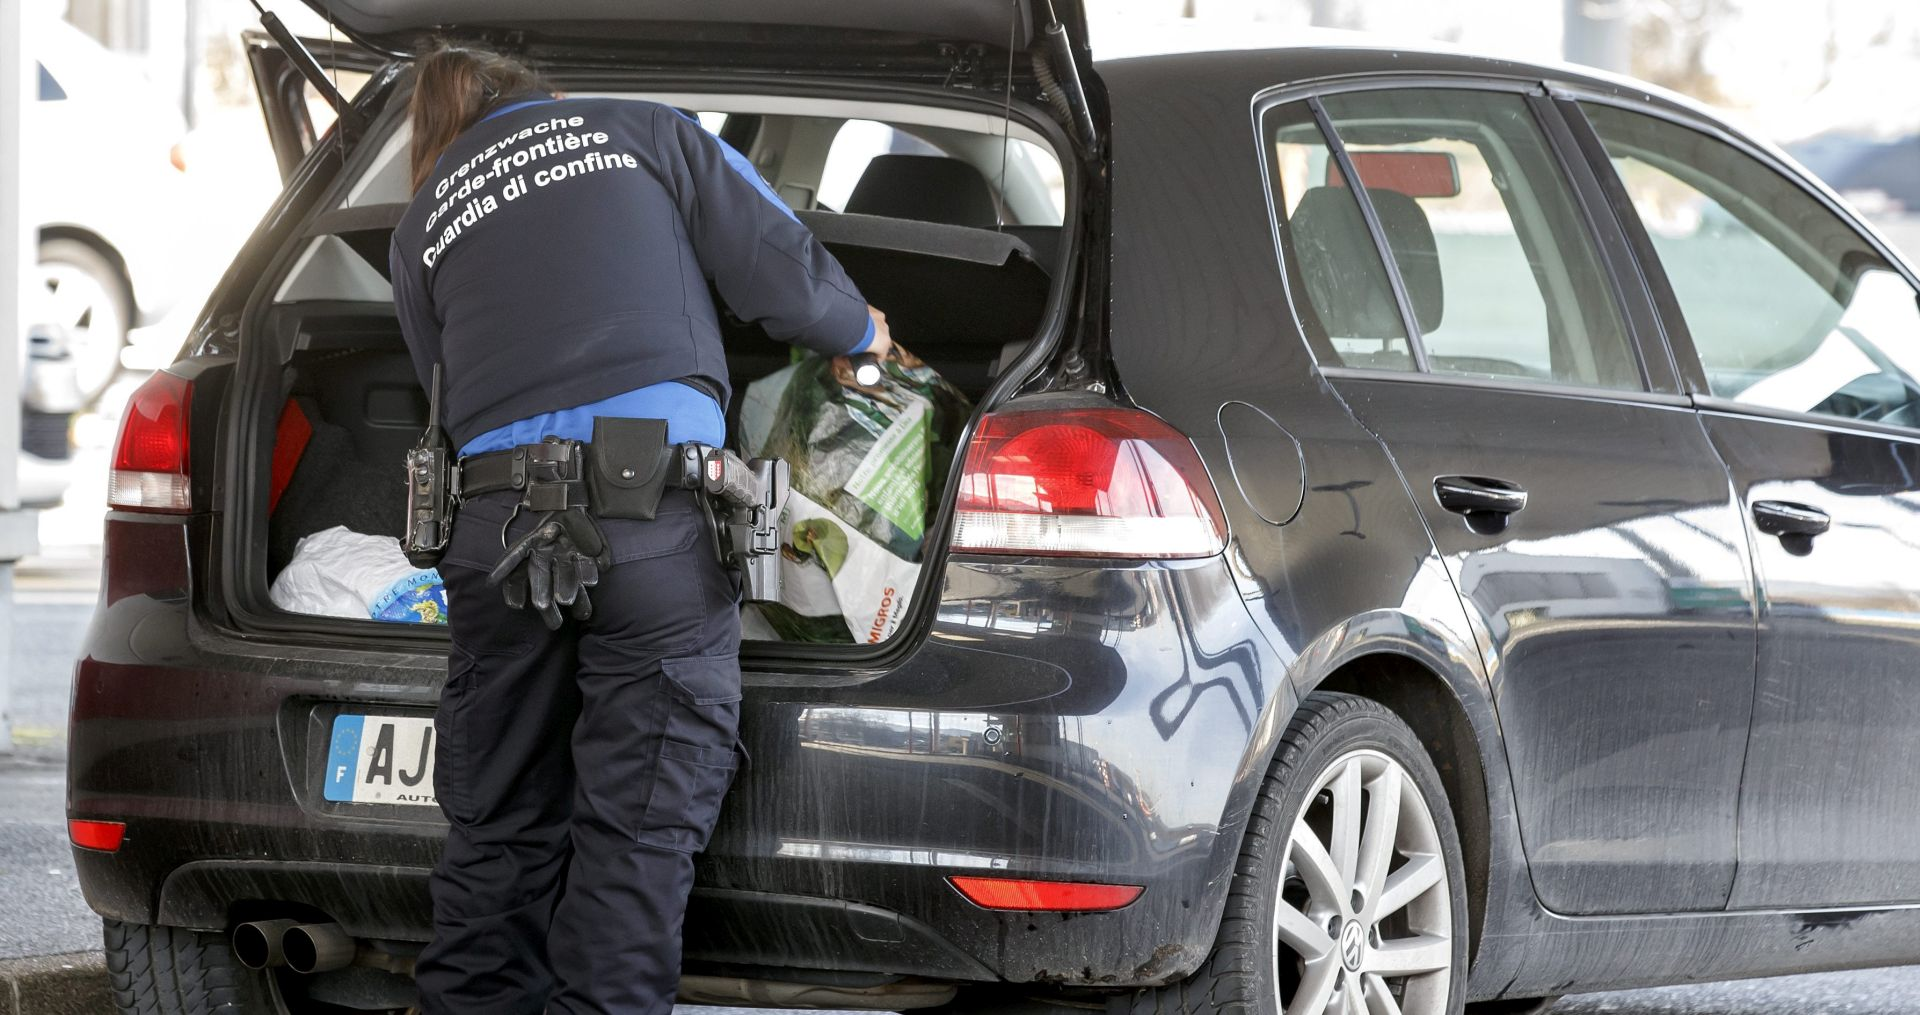 POVEZANI S PARIŠKIM NAPADIMA: U izbjegličkom centru u Austriji uhićene dvije osobe